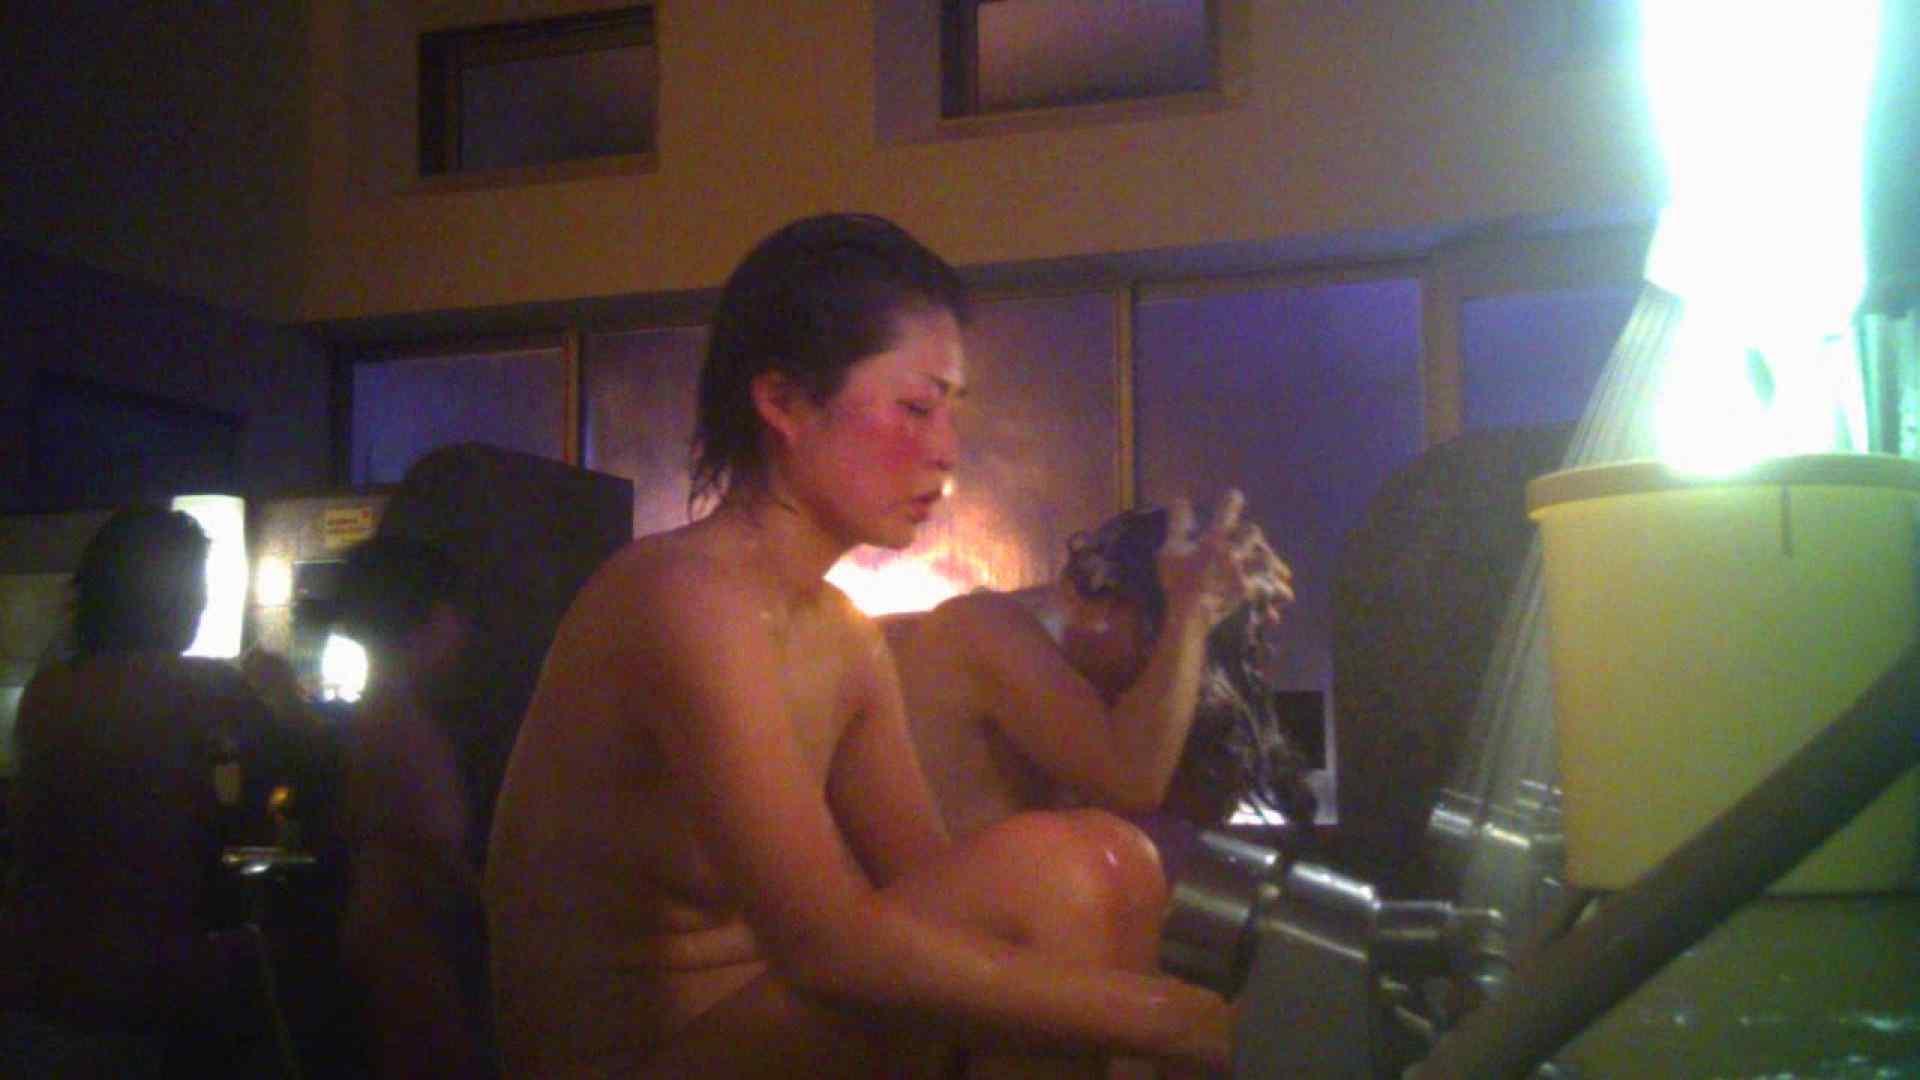 TG.21 【上等兵】井戸端会議が大好きな奥さん 女湯  94PIX 86